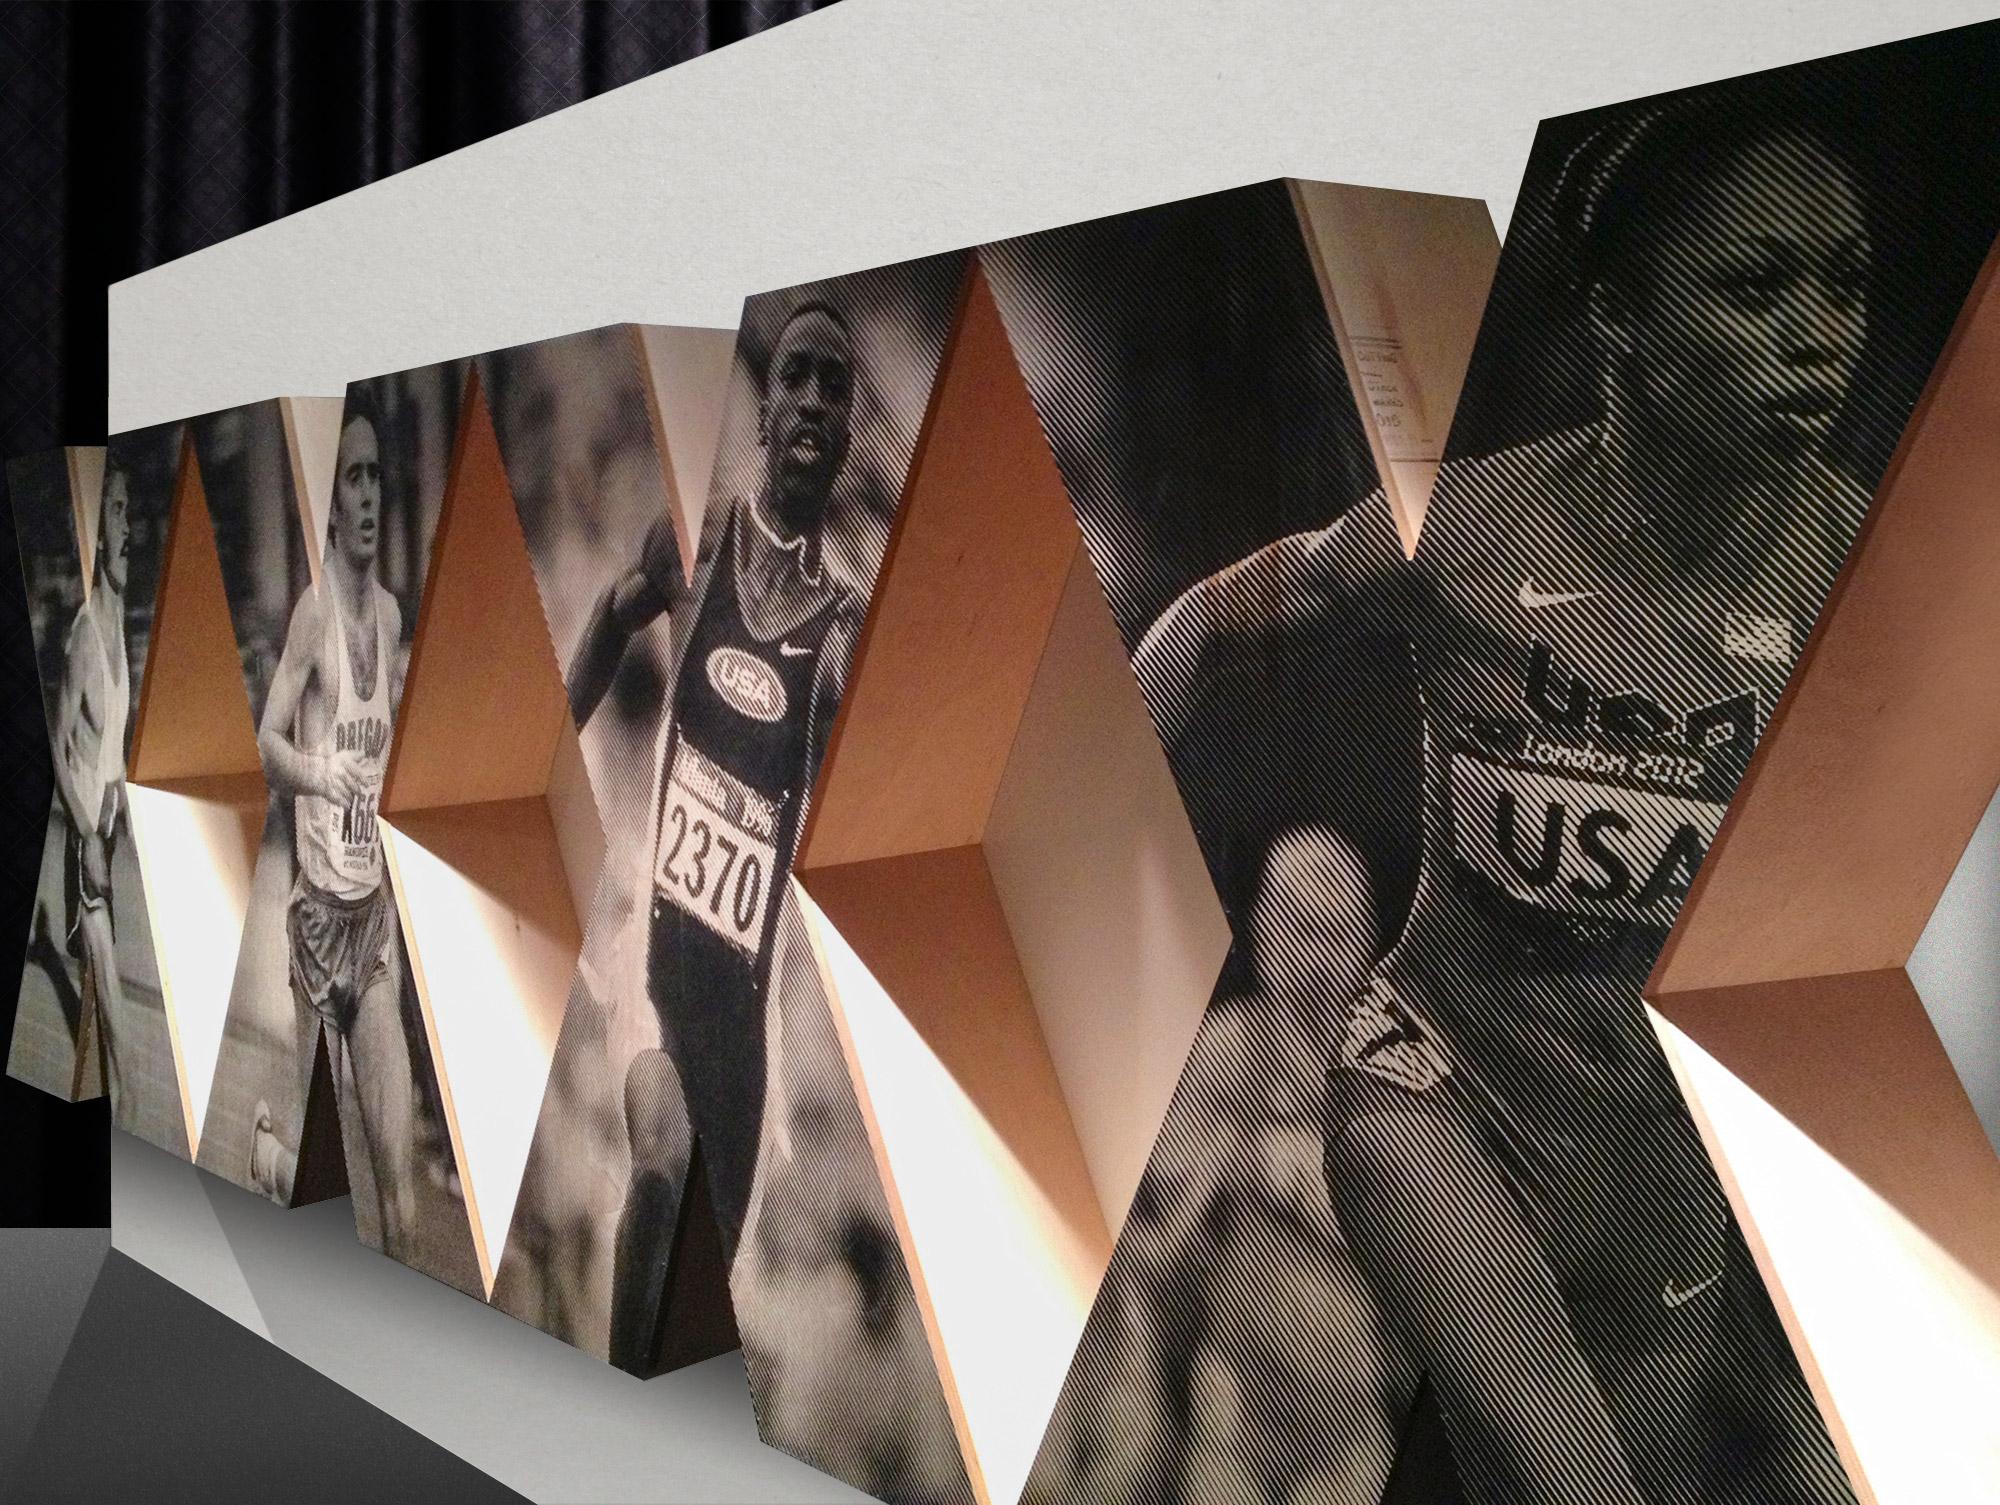 2015_Nike_RunnersWorld_01.jpg